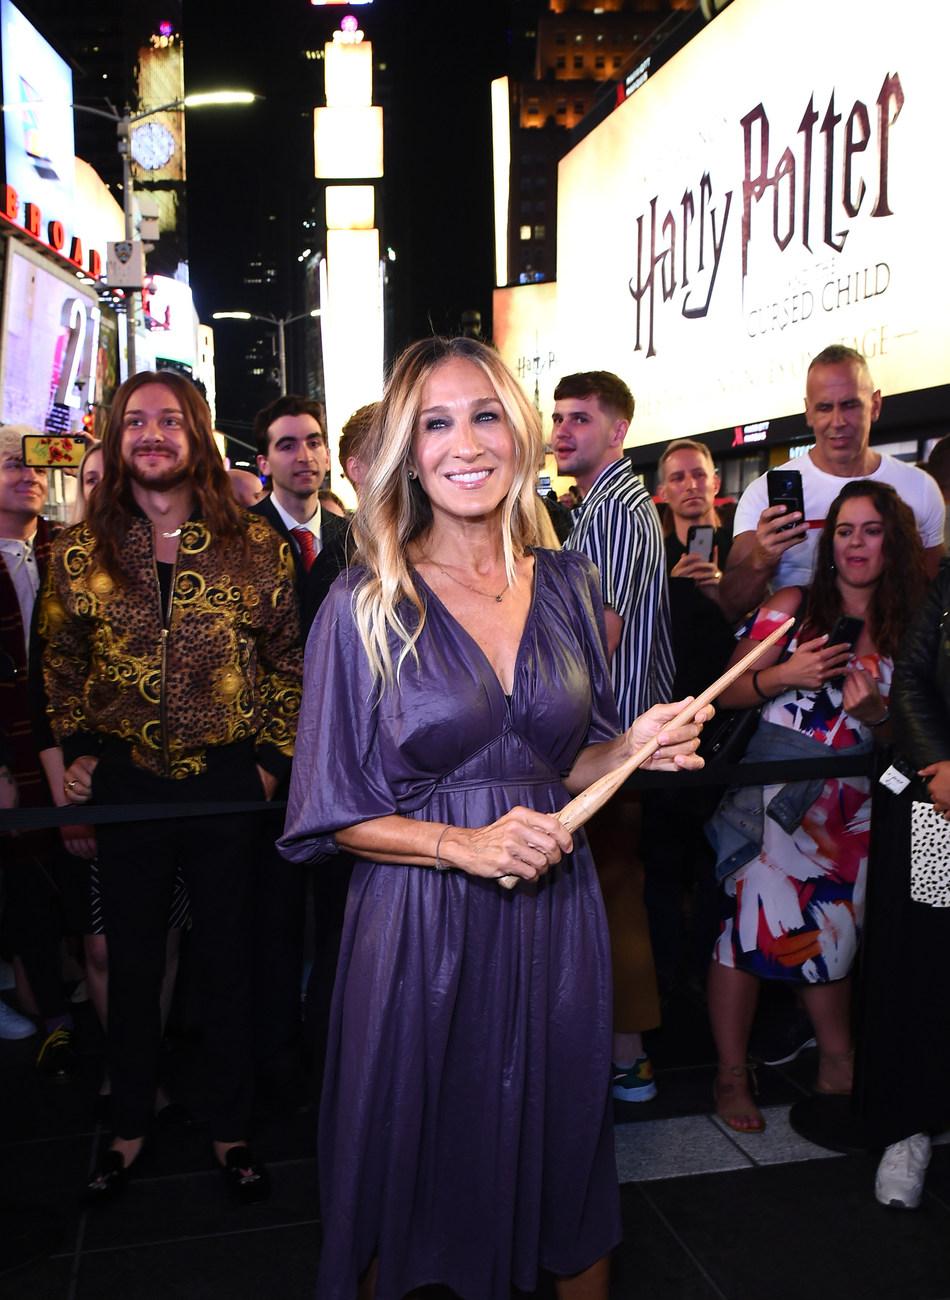 Harry Potter y el legado maldito celebra su expansión mundial con la mayor toma de Times Square jamás vista